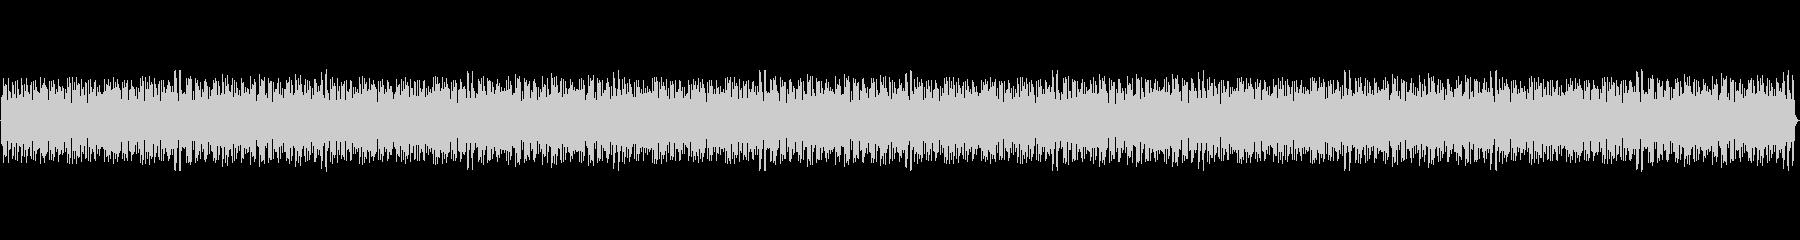 シンプルな鉄琴のメロディがかわいい曲の未再生の波形